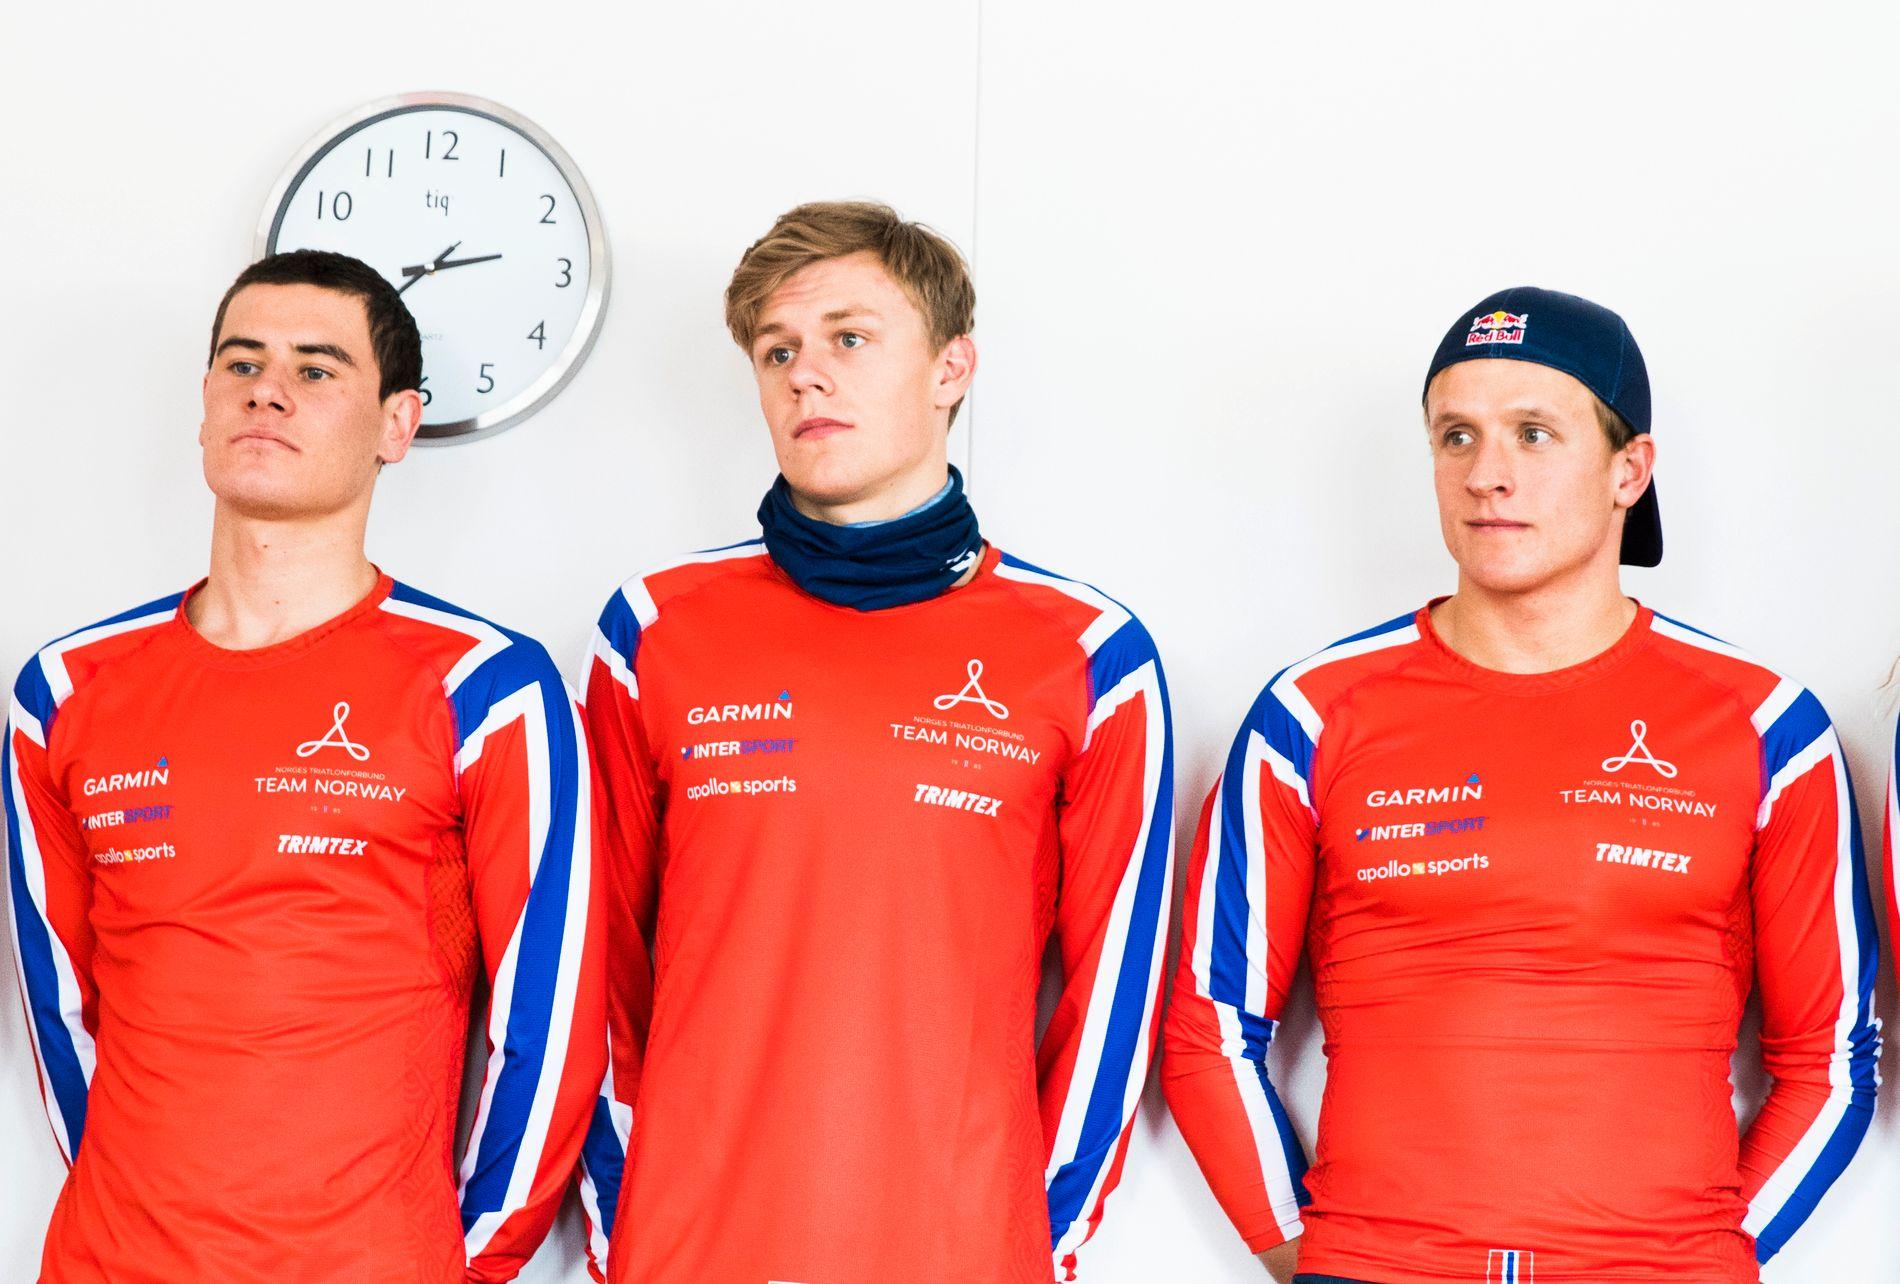 TAPETSERTE PALLEN: Casper Stornes ( i midten) vant, mens Kristian Blummenfelt (til høyre) og Gustav Iden kom på de neste plassene.